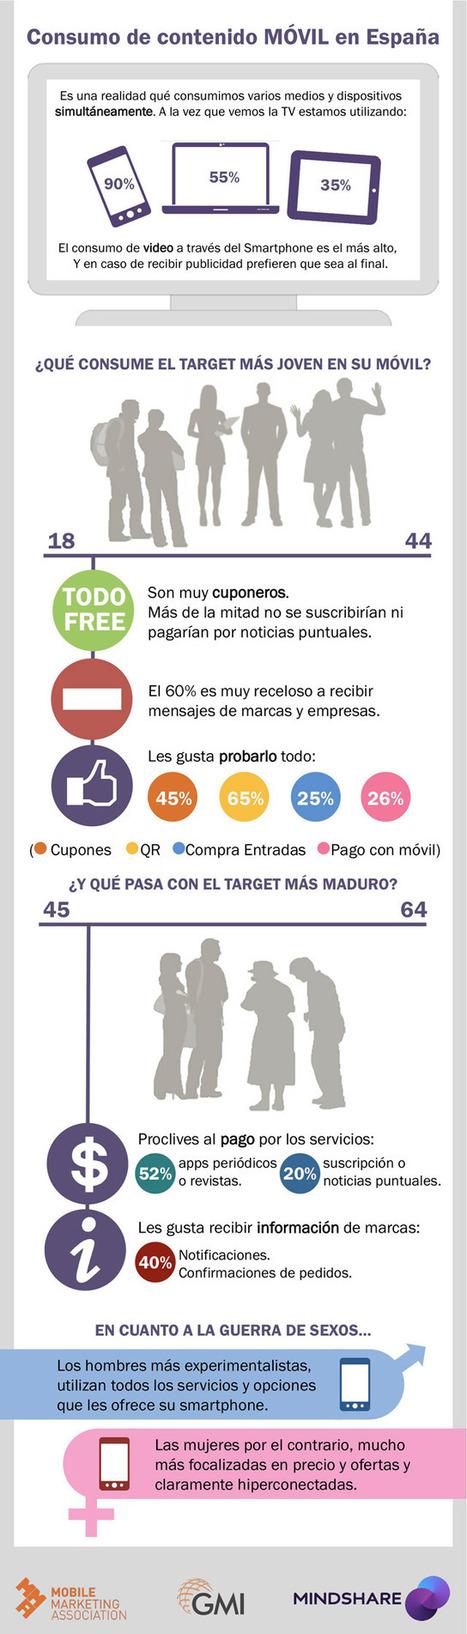 Multidispositivo y multitarea, así es el usuario tipo del móvil en España | Joaquin Lara Sierra | Scoop.it